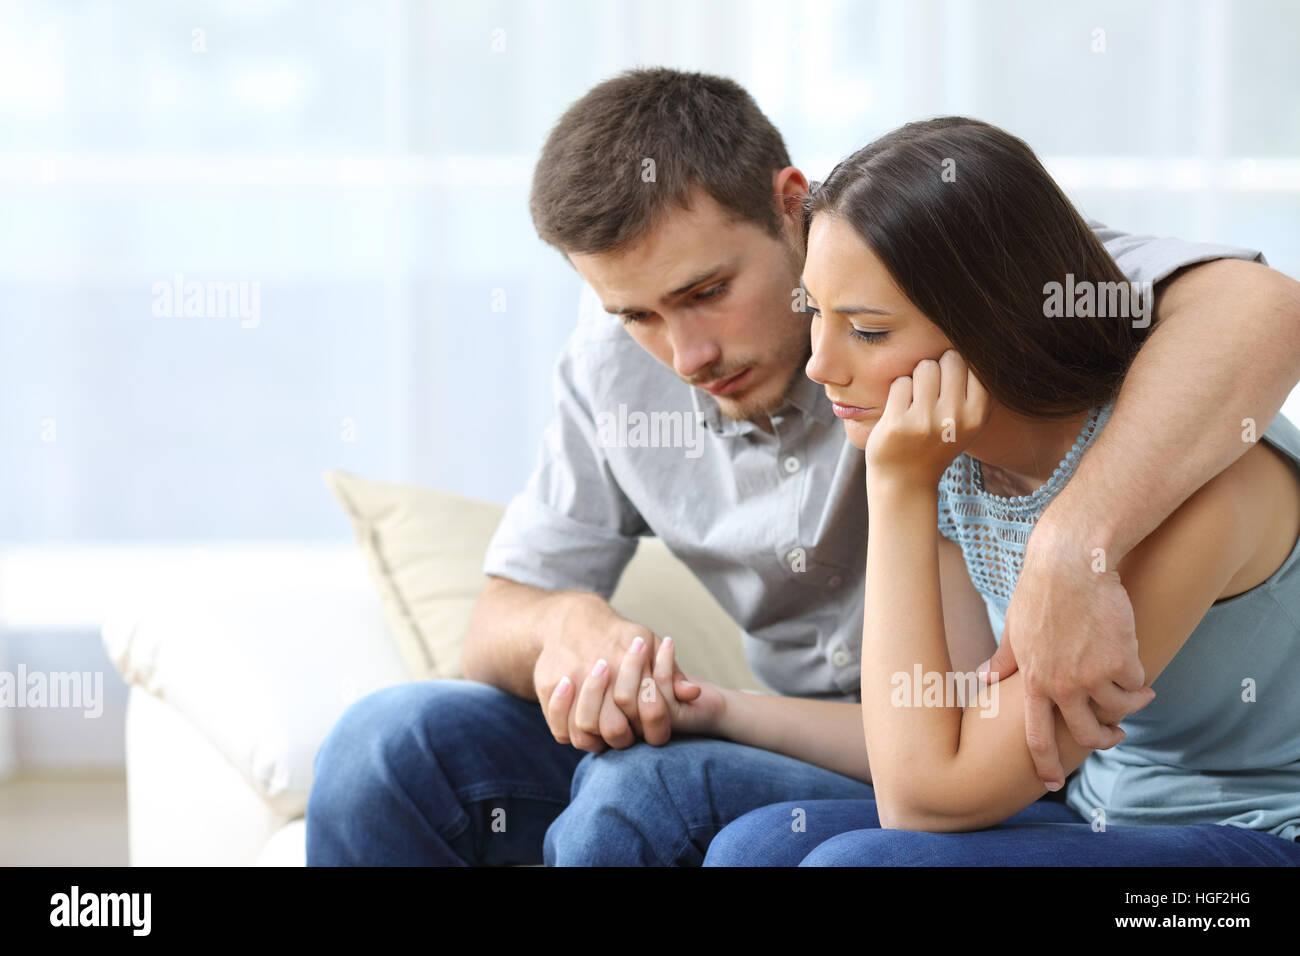 Triste par consolarse mutuamente sentados en un sofá en el salón en casa Imagen De Stock